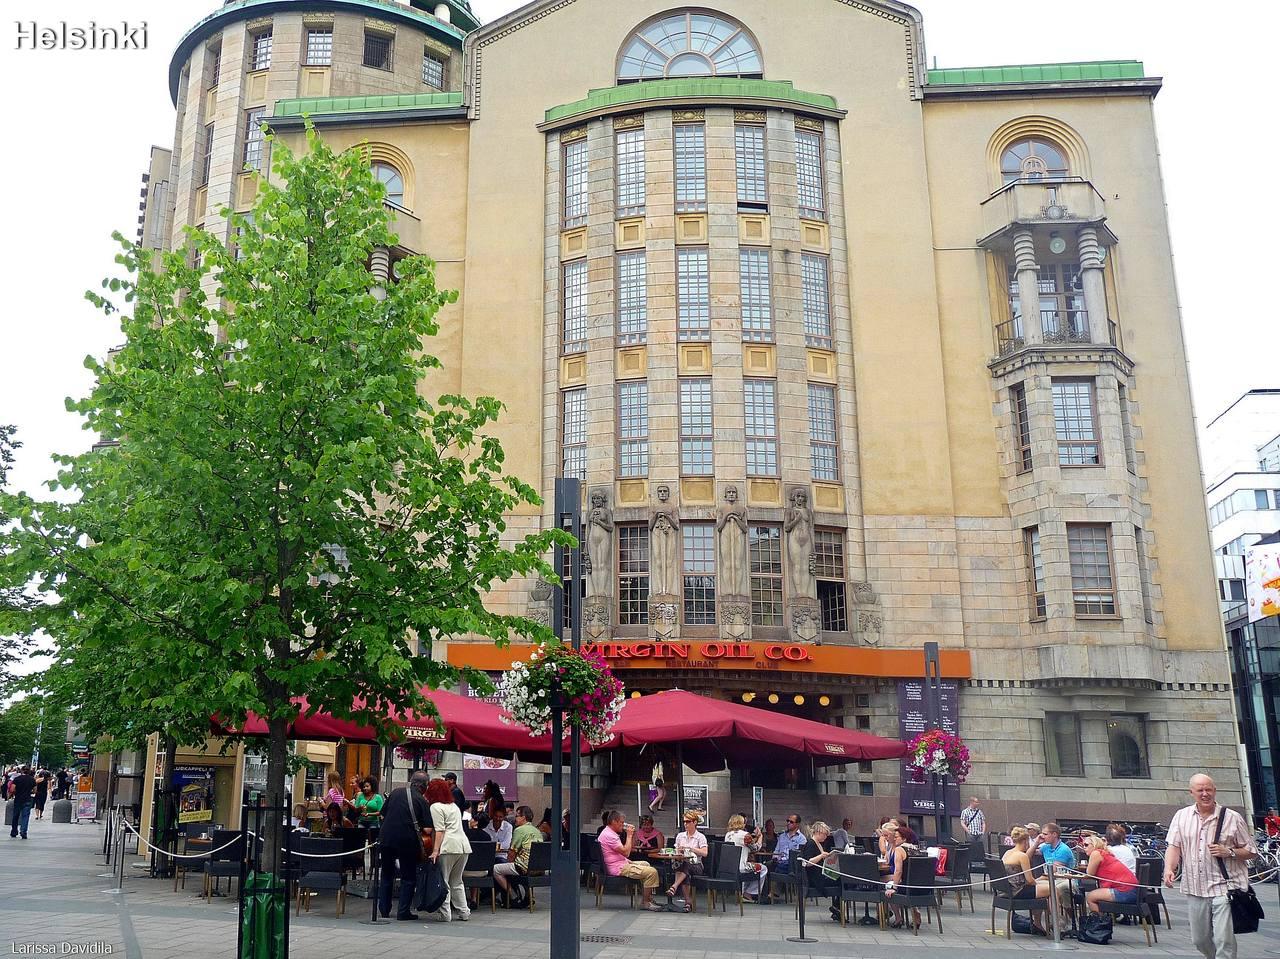 Helsinki. 20-7-2011 132 (2)